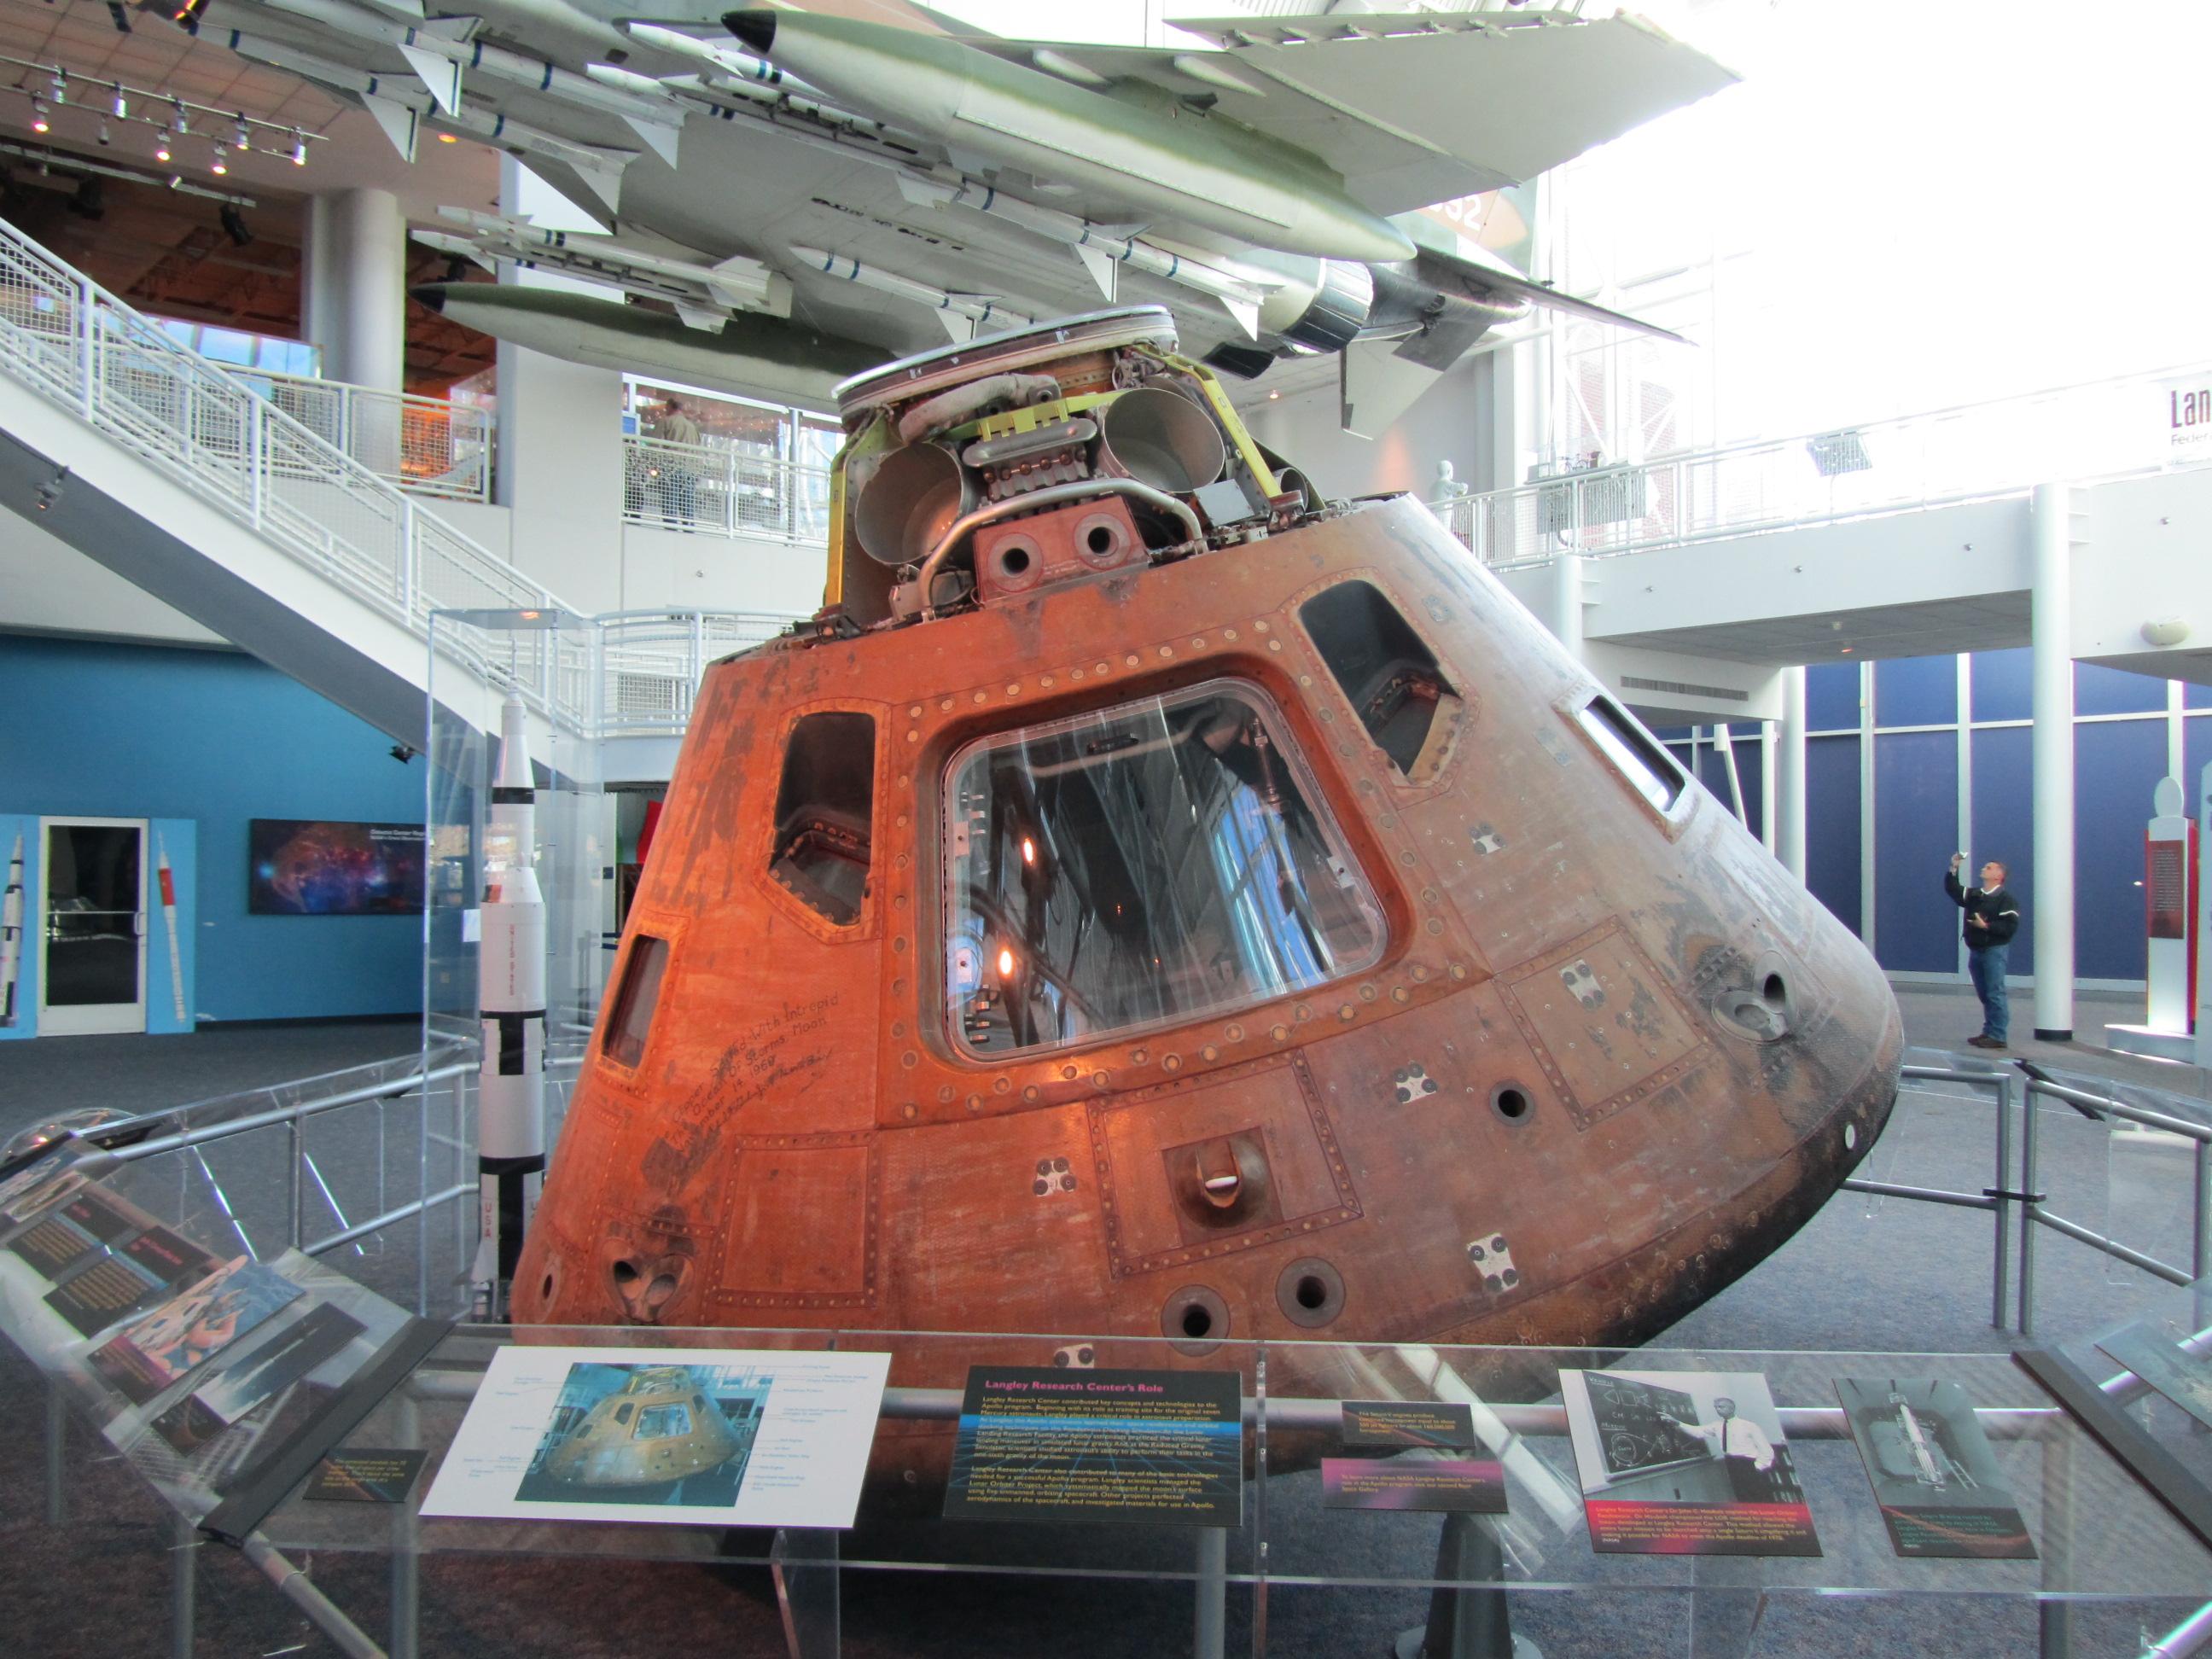 apollo spacecraft command module - photo #12